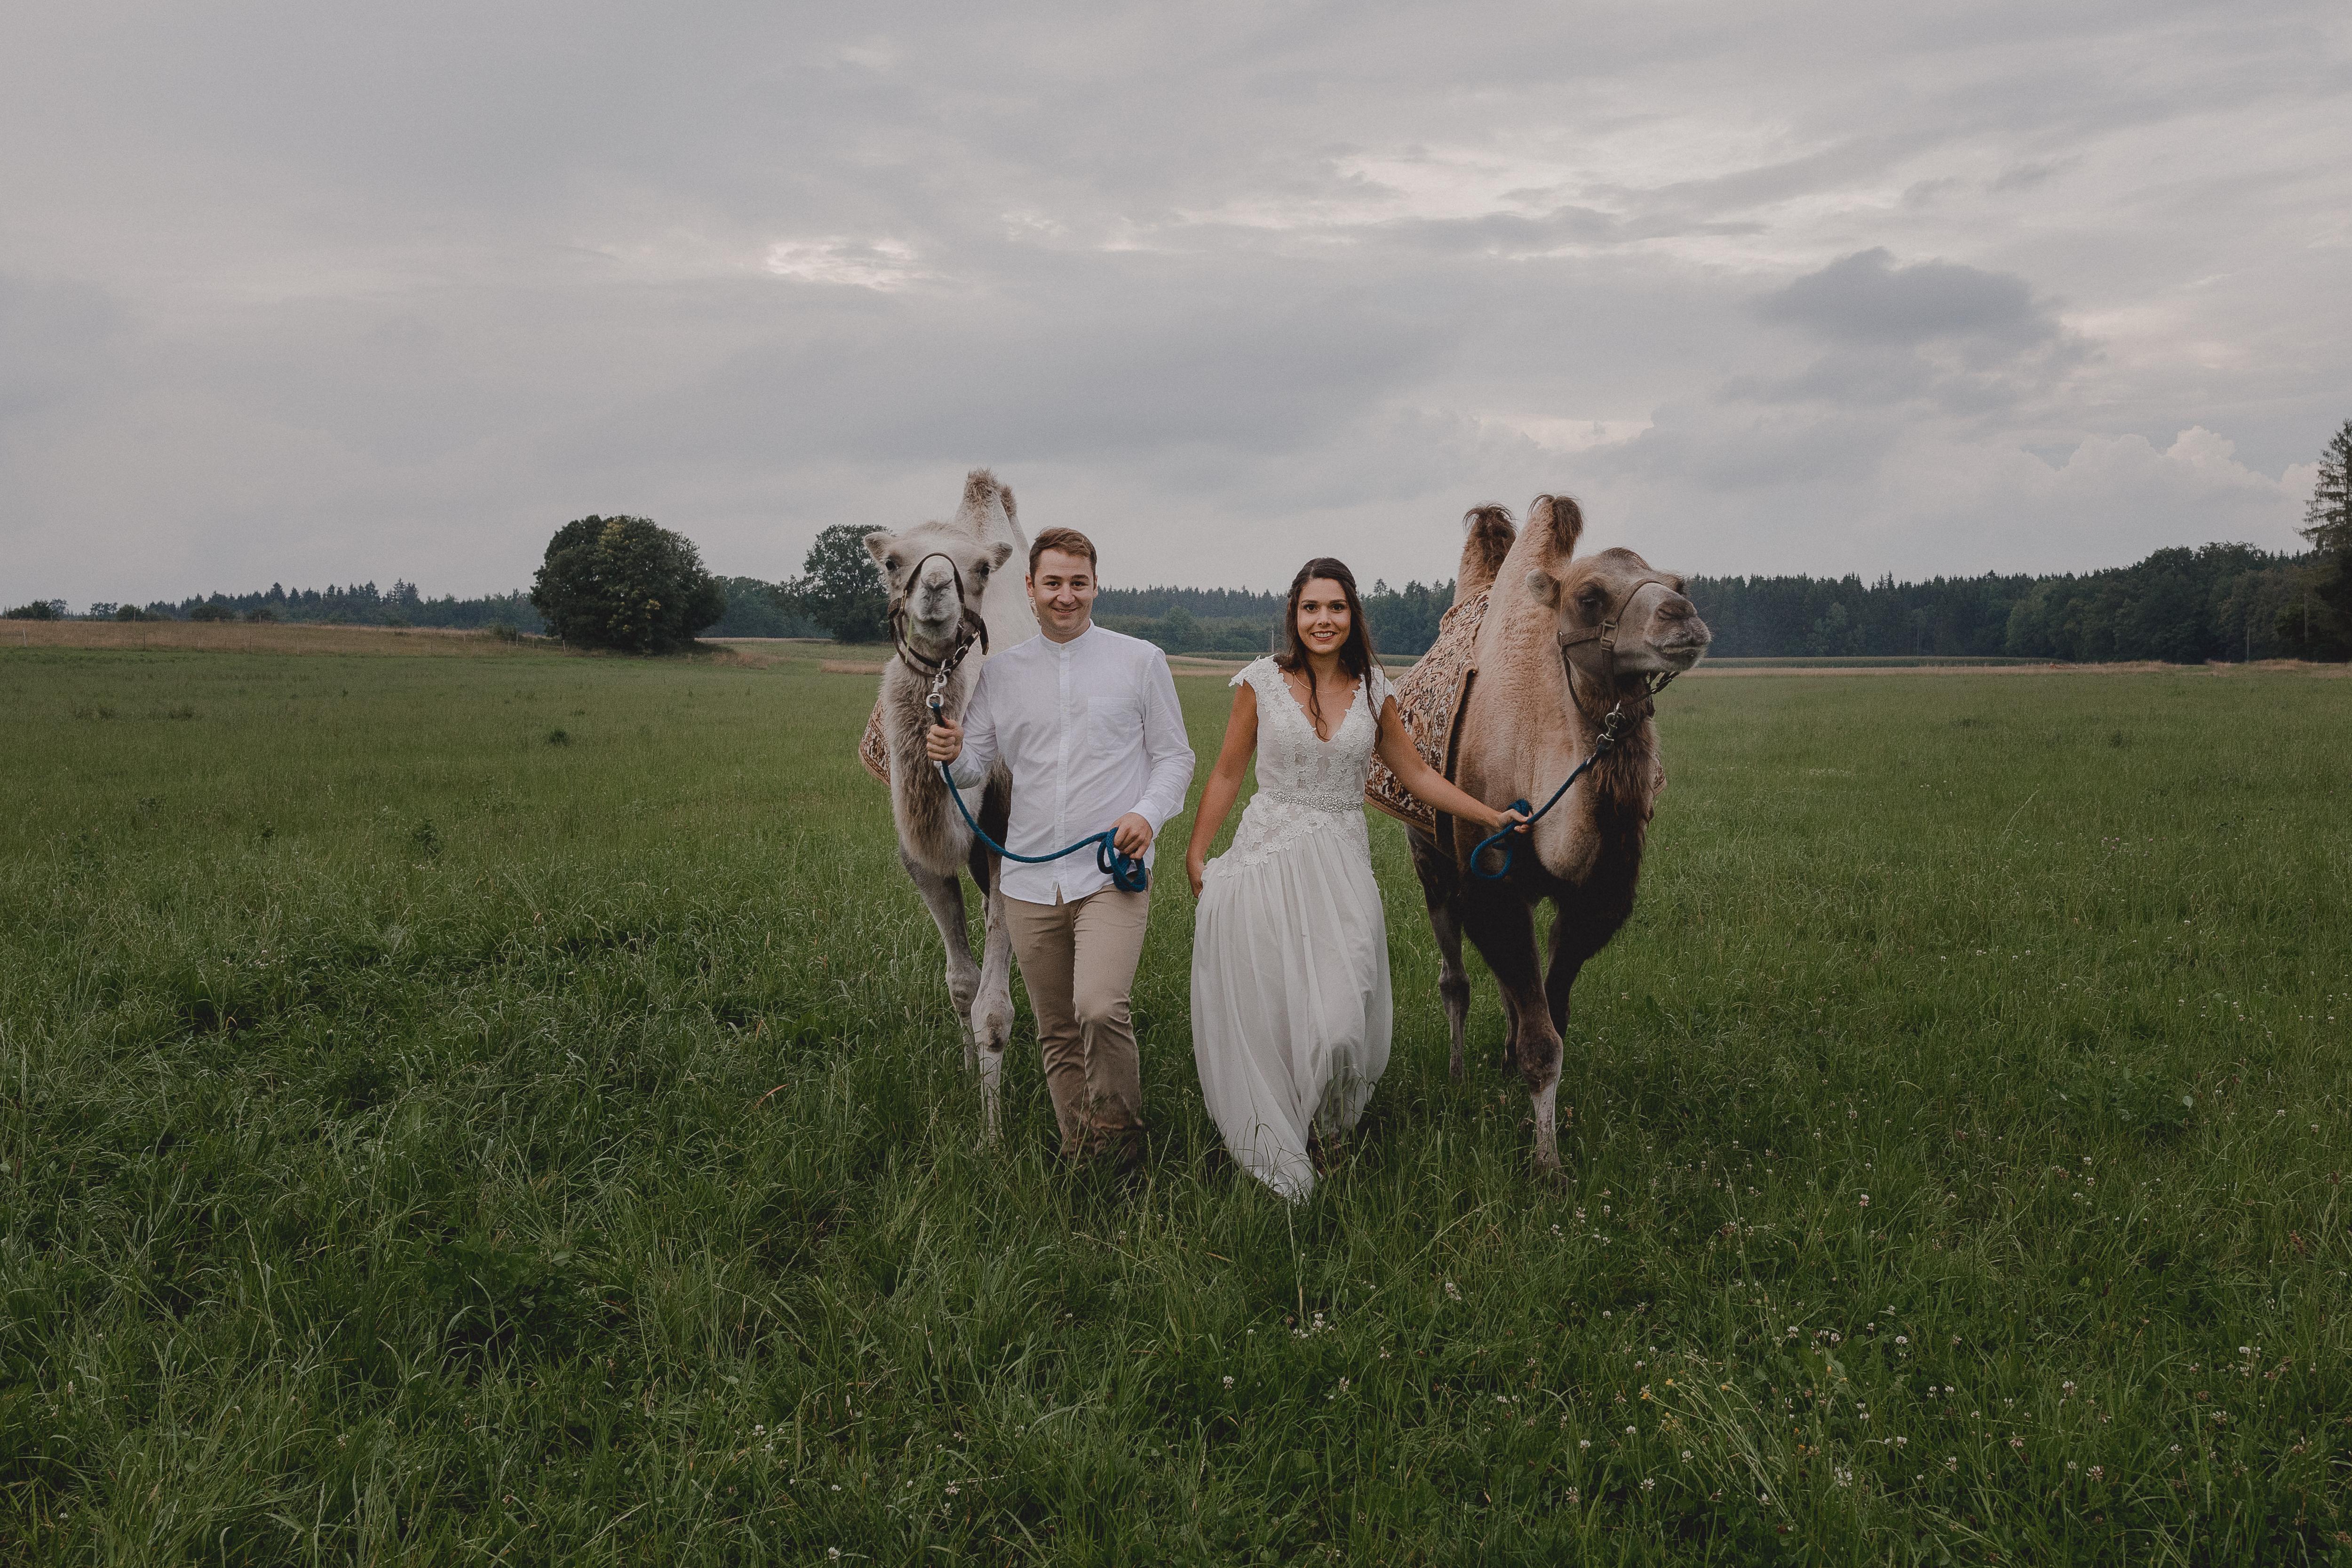 URBANERIE_Daniela_Goth_Vintage_Hochzeitsfotografin_Nuernberg_Fuerth_Erlangen_180721_0157